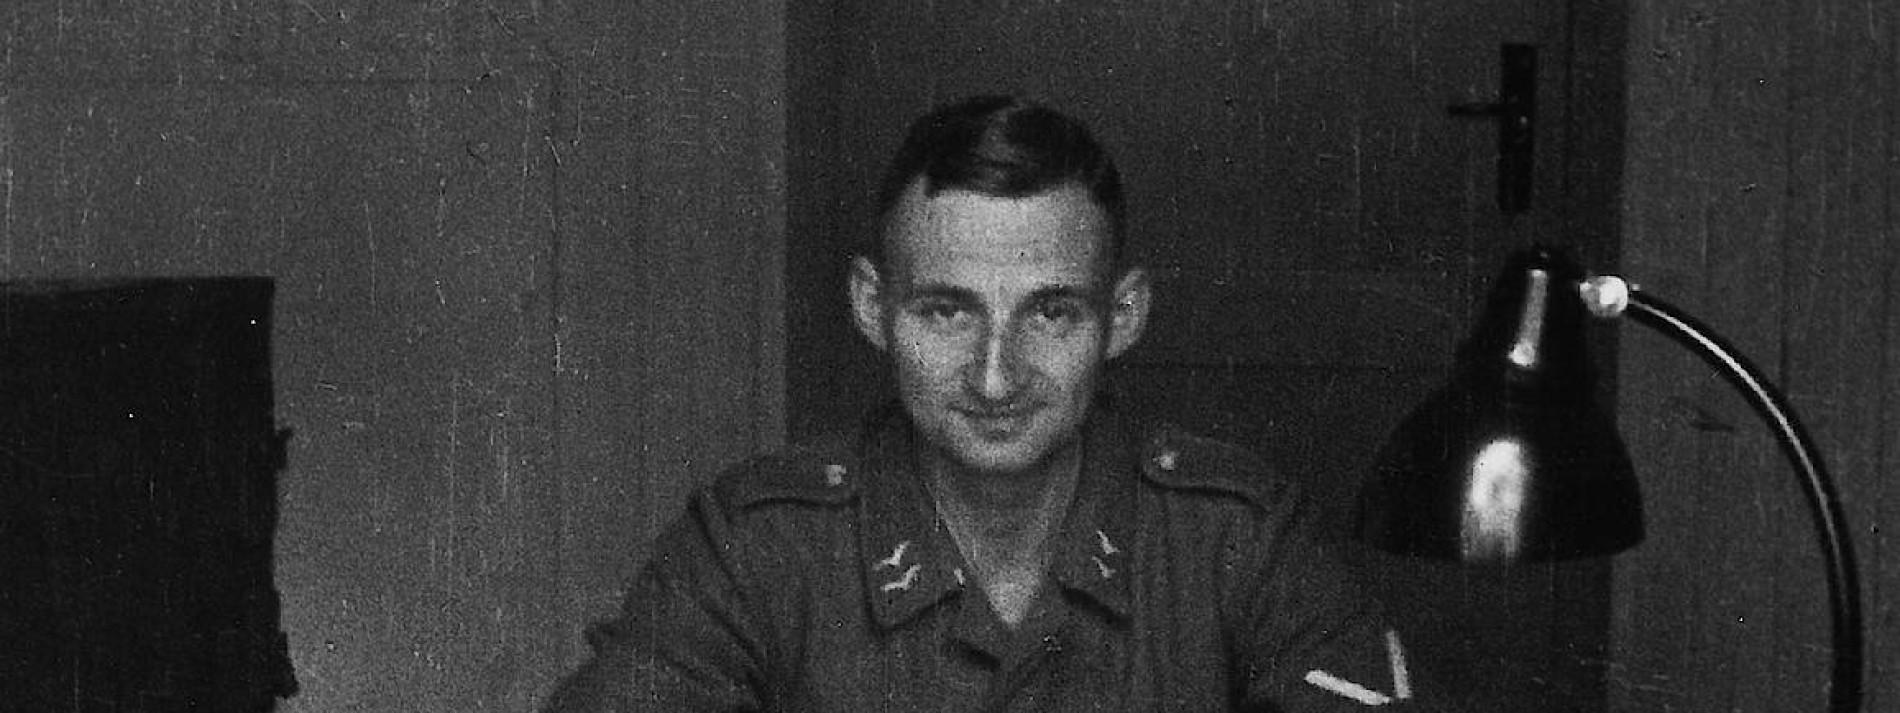 Innensicht des Stauffenberg-Attentats